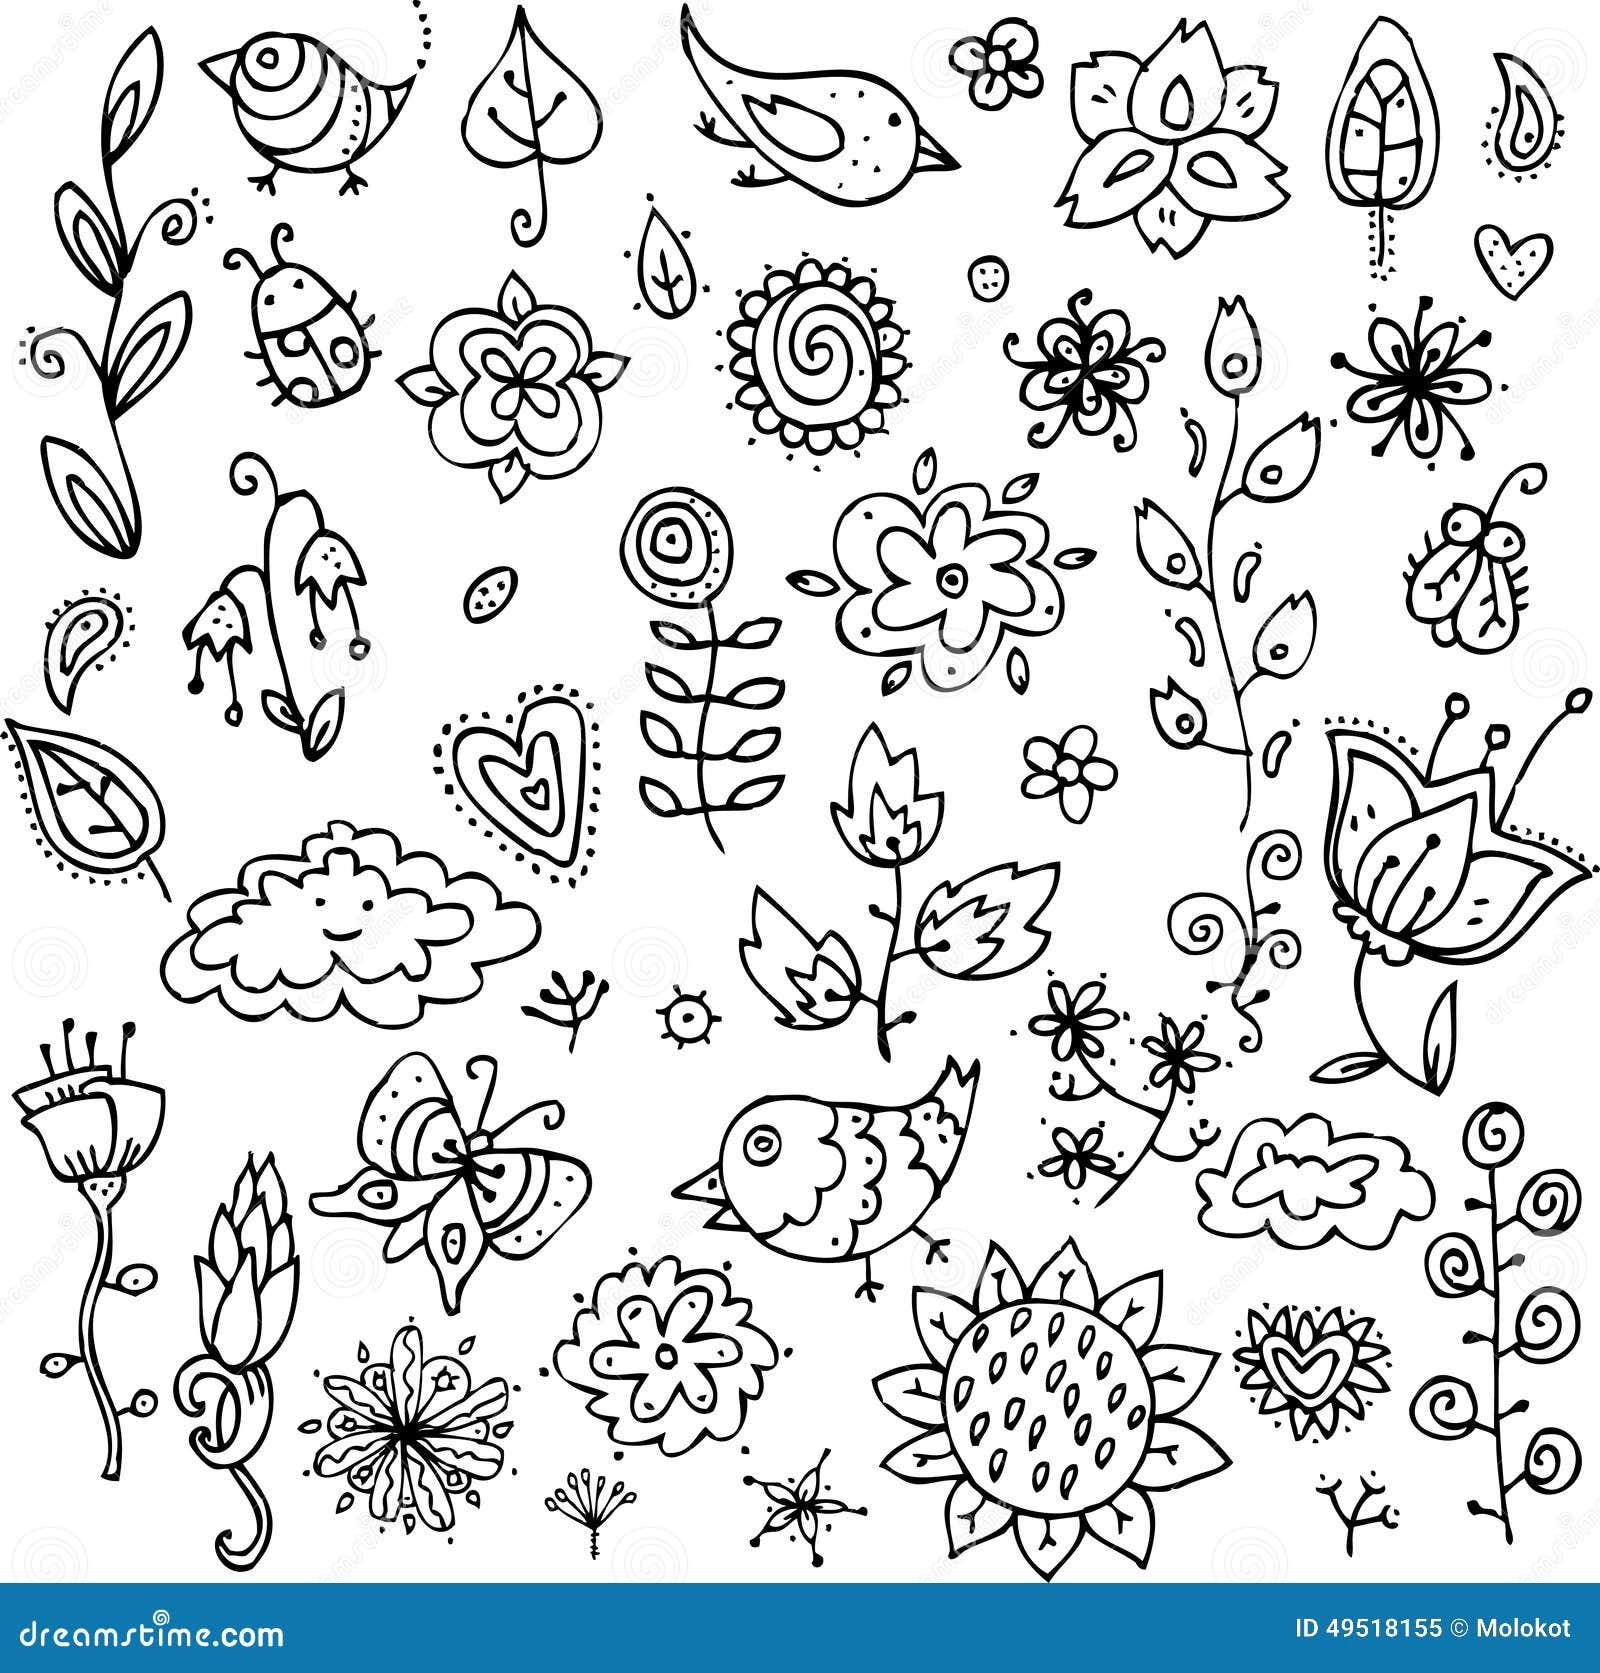 grupo de objetos do contorno dos pássaros das flores das folhas e